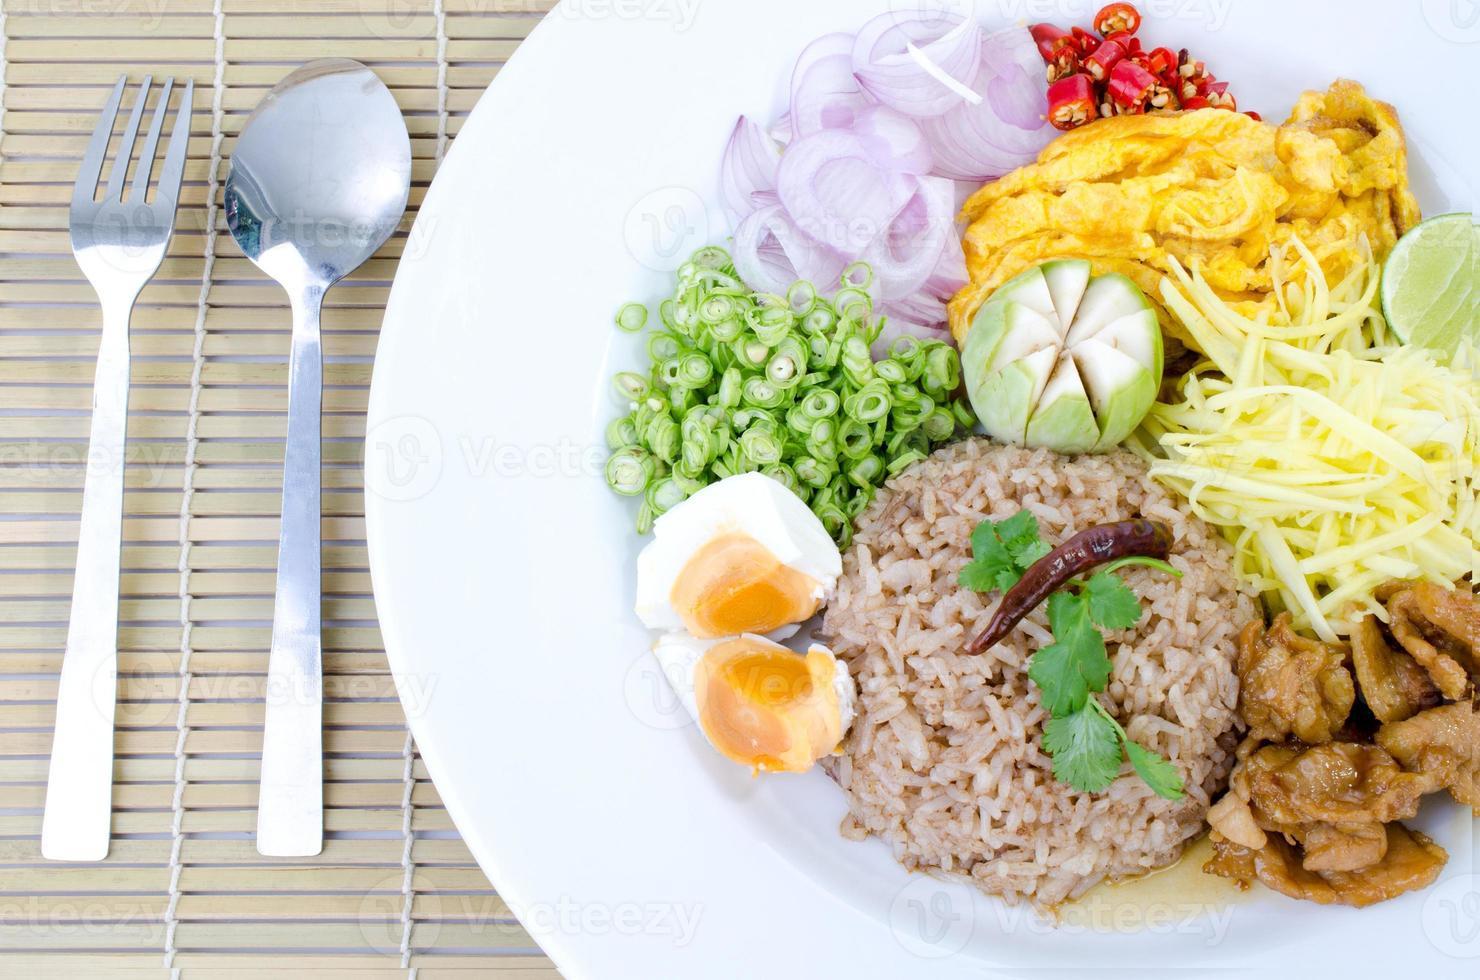 faire frire le riz avec la pâte de crevettes, cuisine thaïlandaise photo